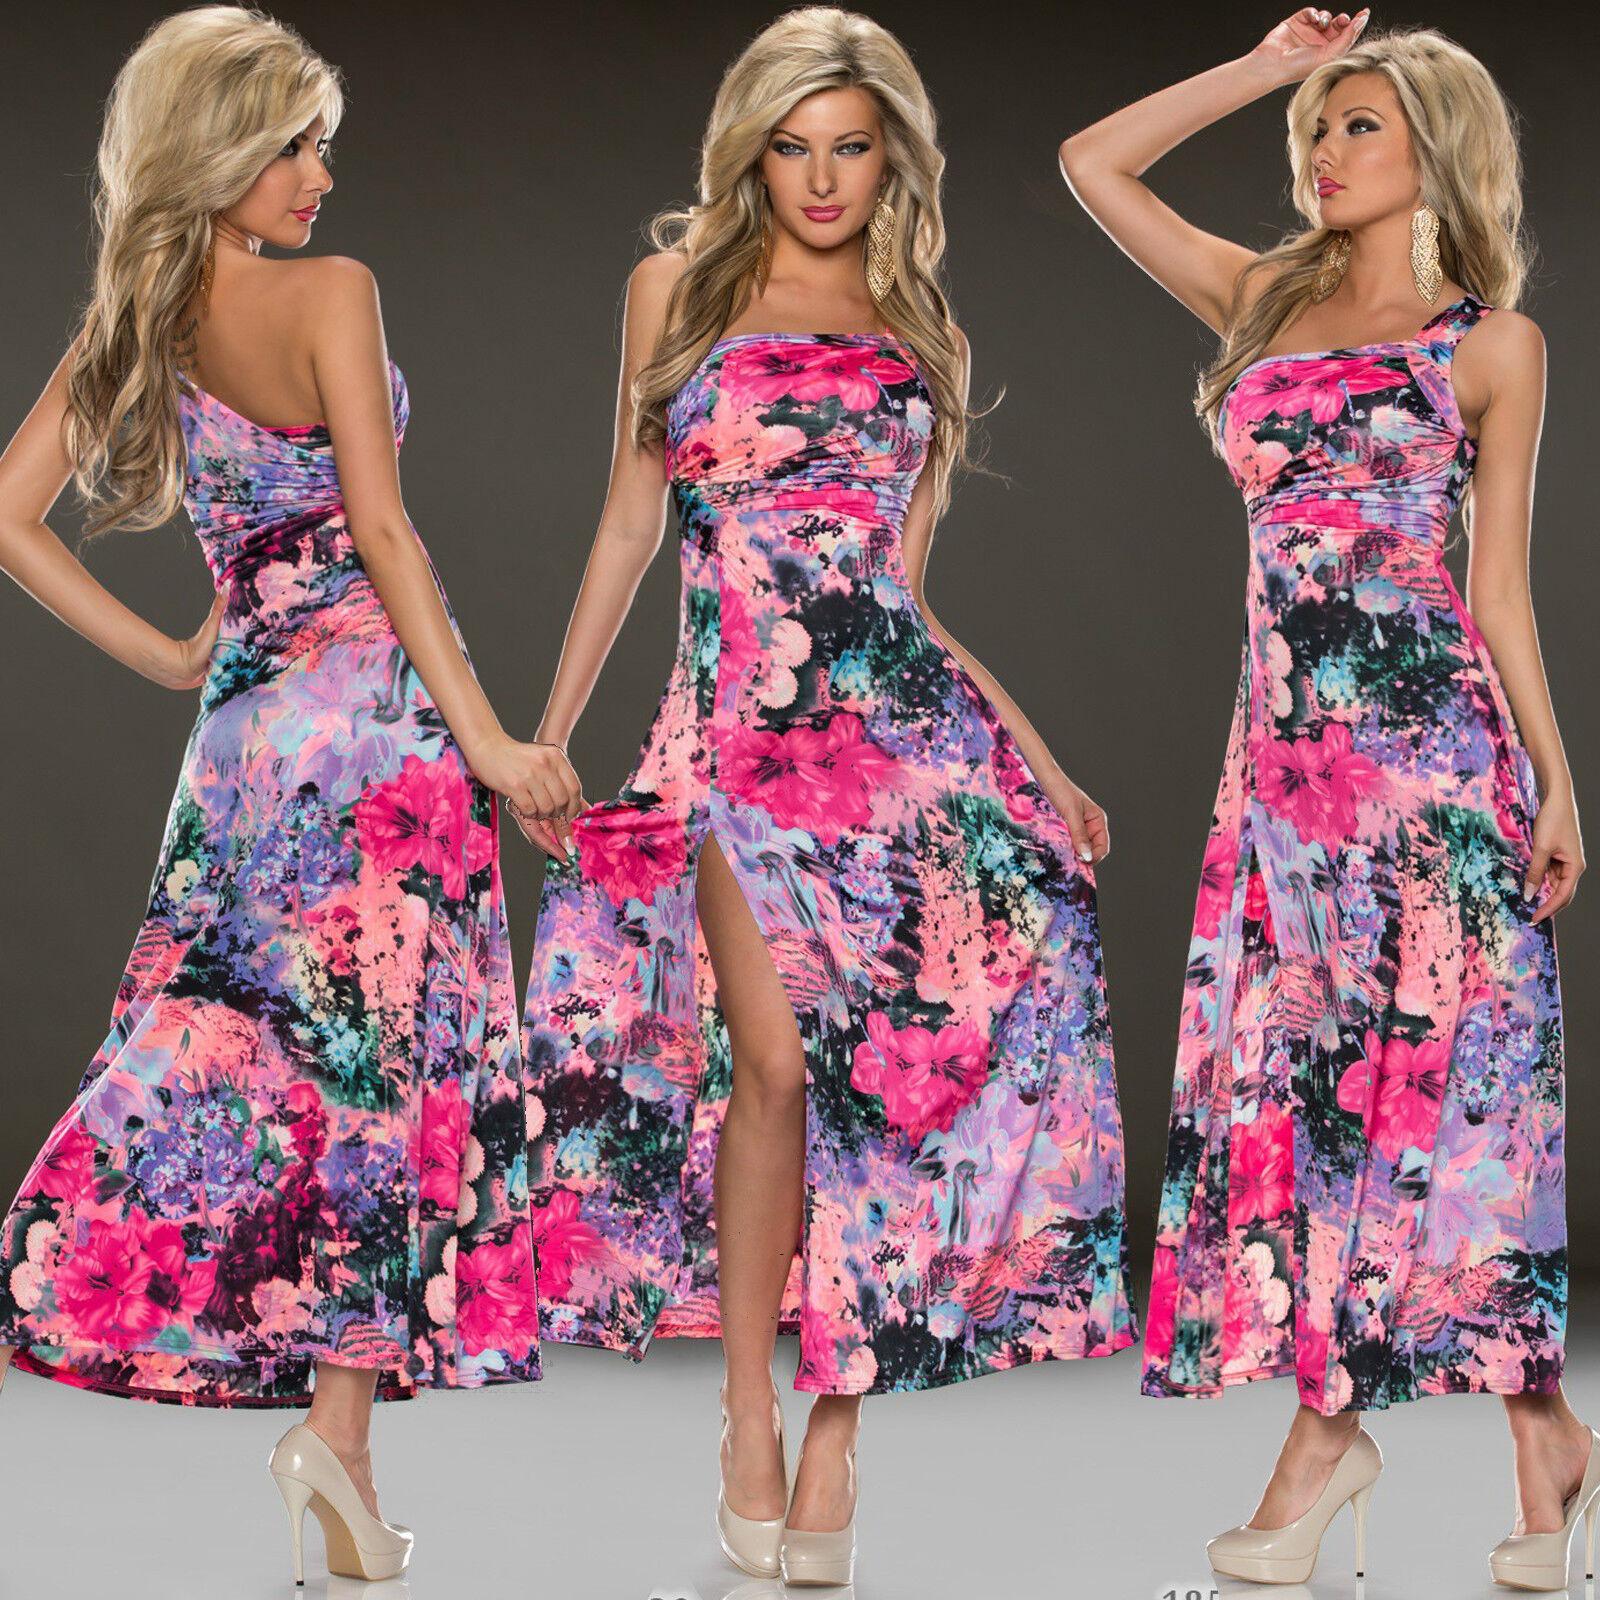 Top Women Maxi Dress Clubbing Ladies Party Open Slit Long Blouse Size 6 8 10 12